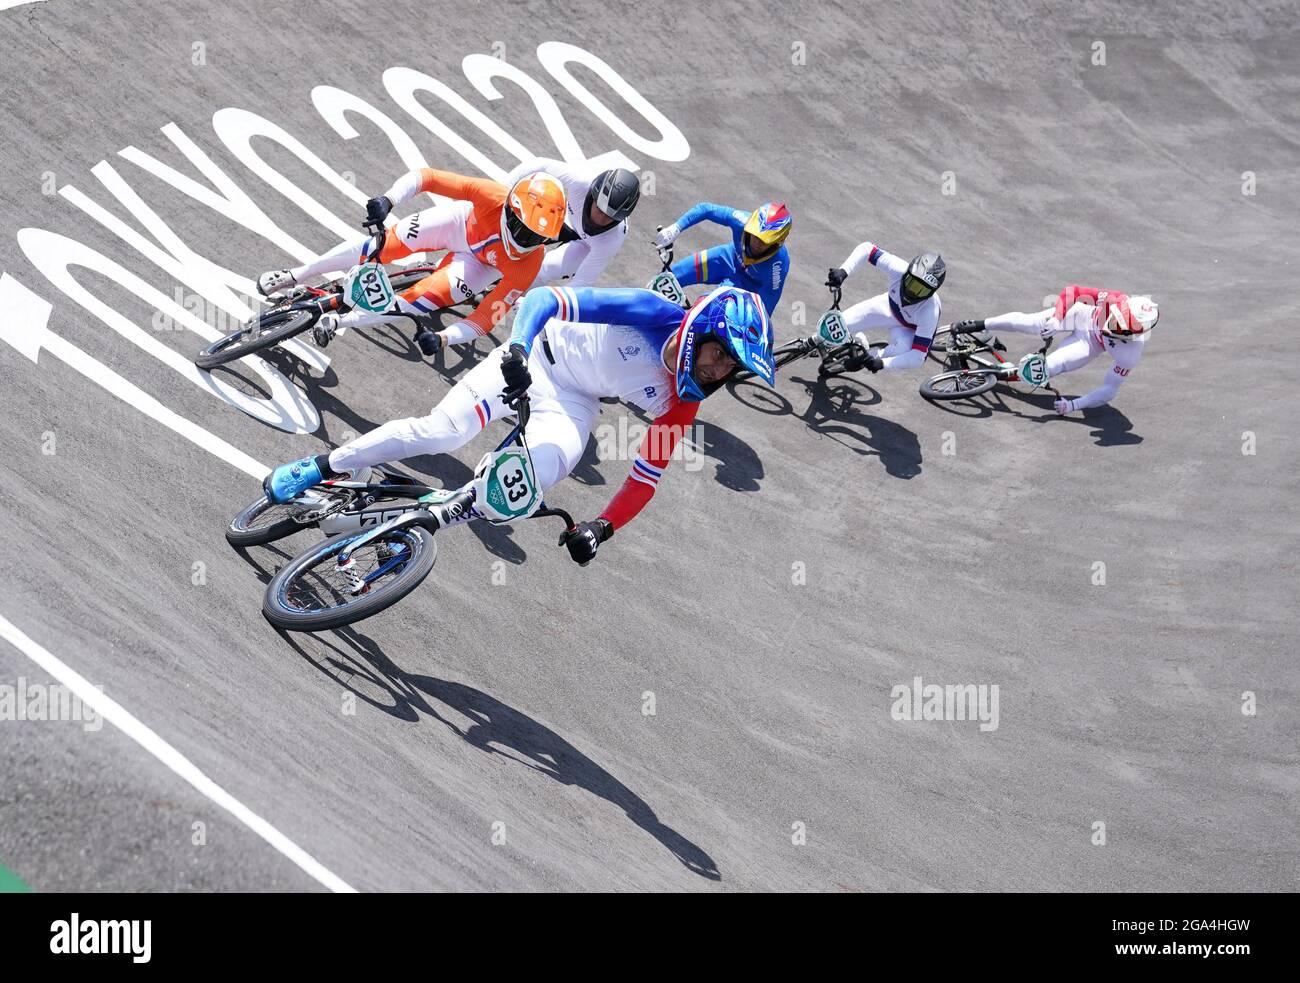 Der Schweizer Simon Marquart (rechts) fällt am sechsten Tag der Olympischen Spiele in Tokio 2020 in Japan in den BMX-Viertelfinale der Herren 3 Heat 3 im Ariake Urban Sports Park. Bilddatum: Donnerstag, 29. Juli 2021. Stockfoto